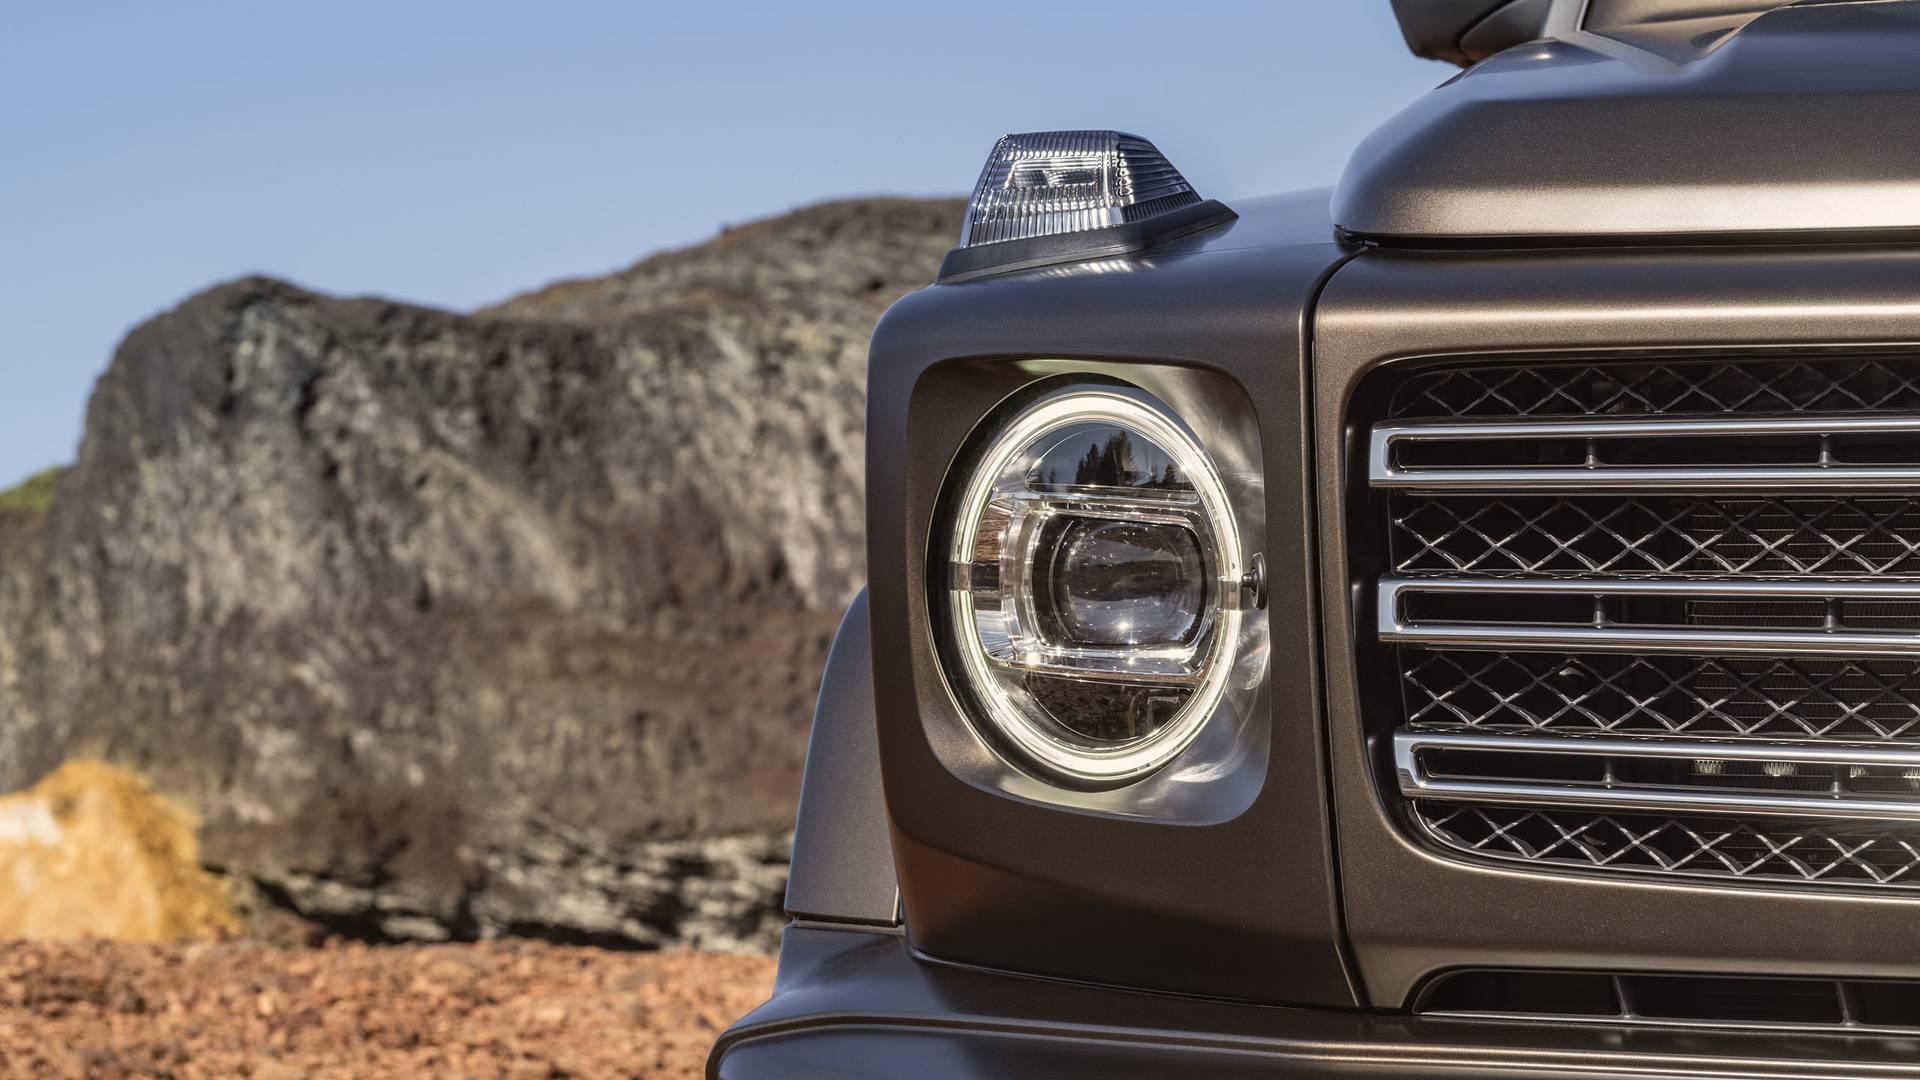 Mercedes-Benz G-Class W464 — фотогалерея